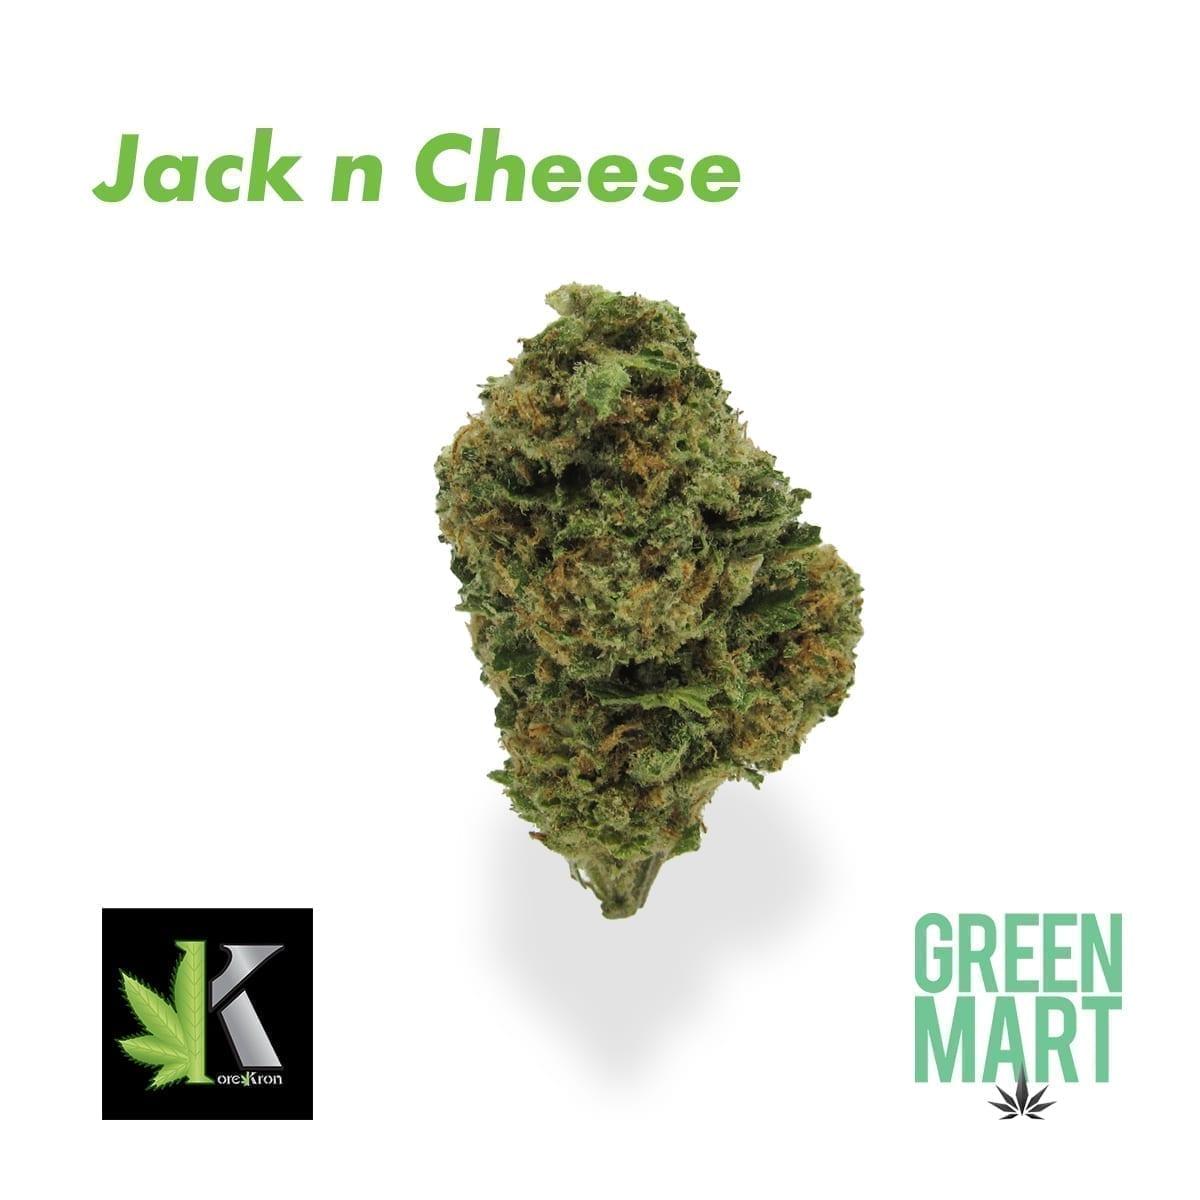 Jack n Cheese